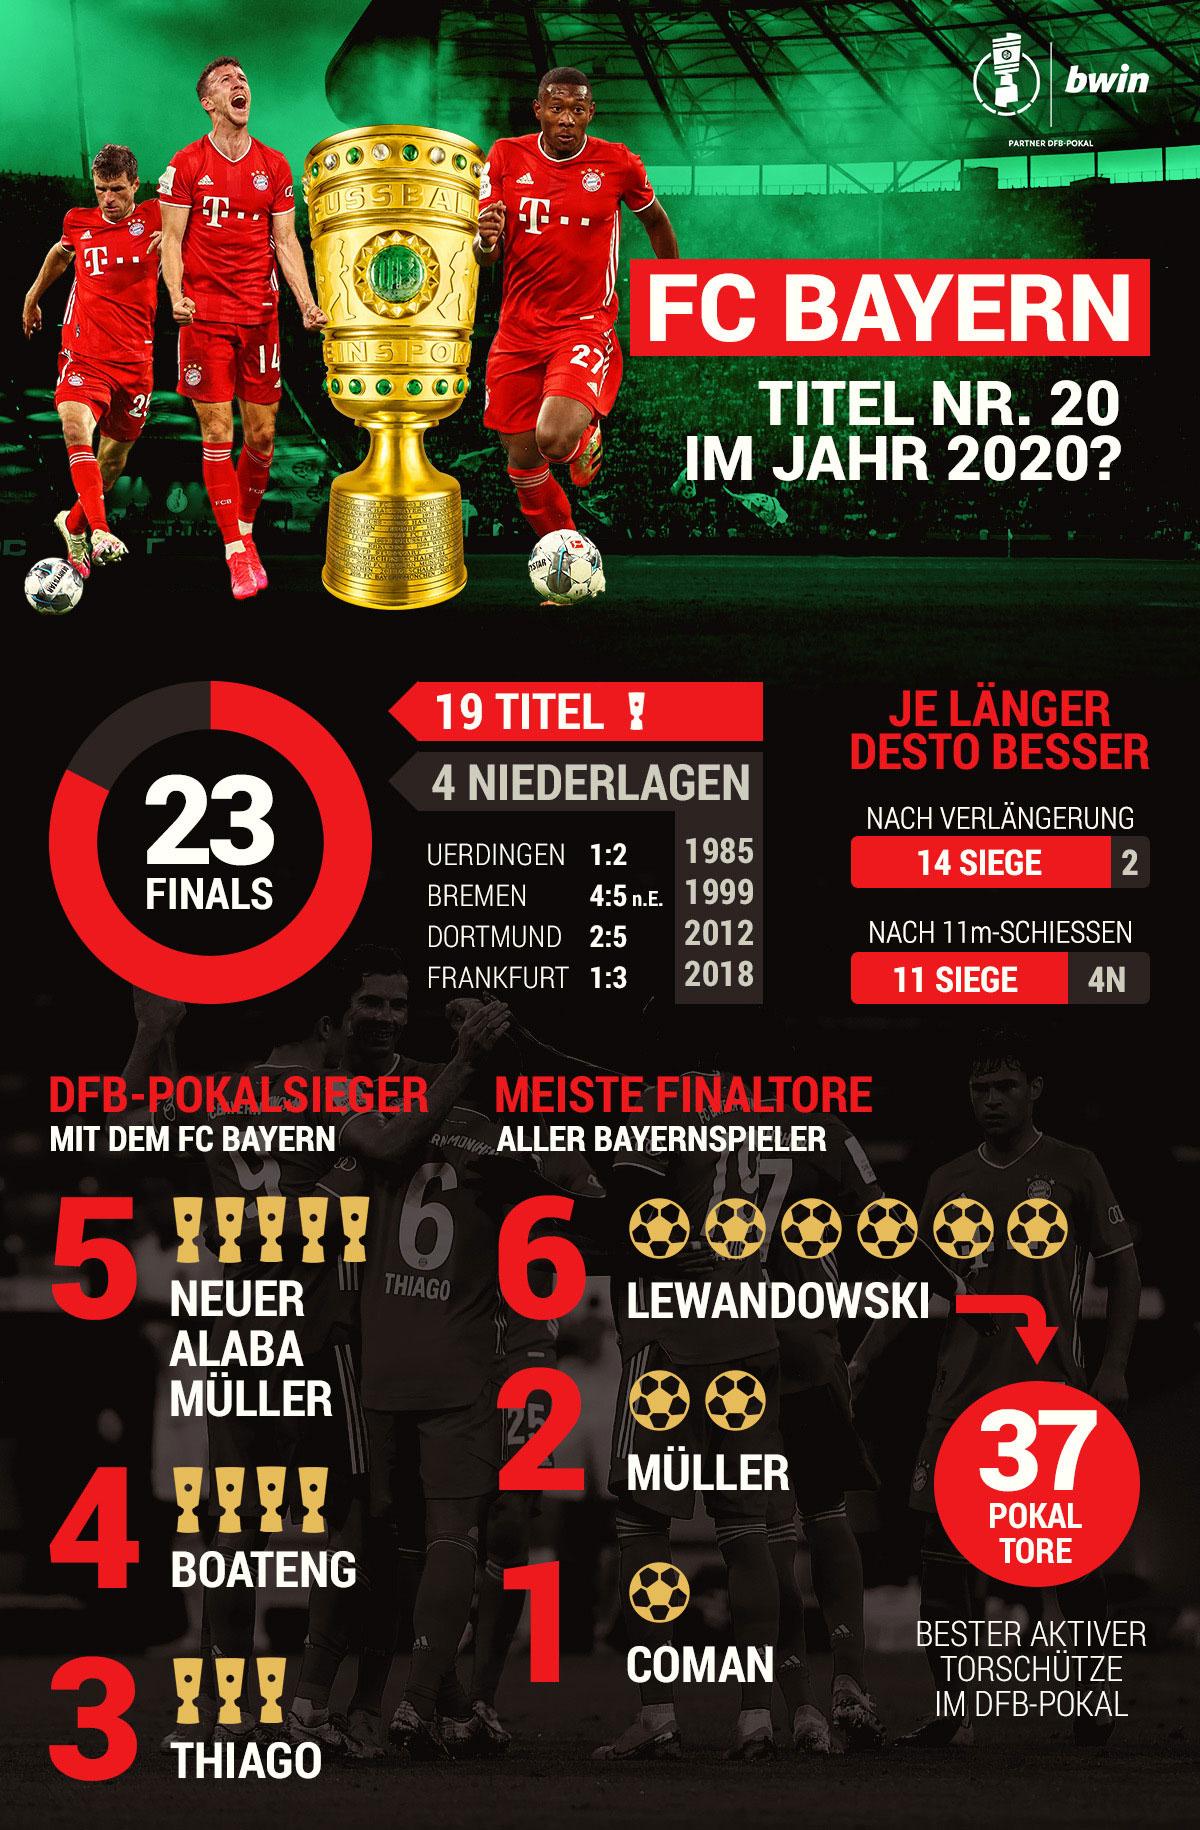 Bayern München DFB-Pokal Fakten